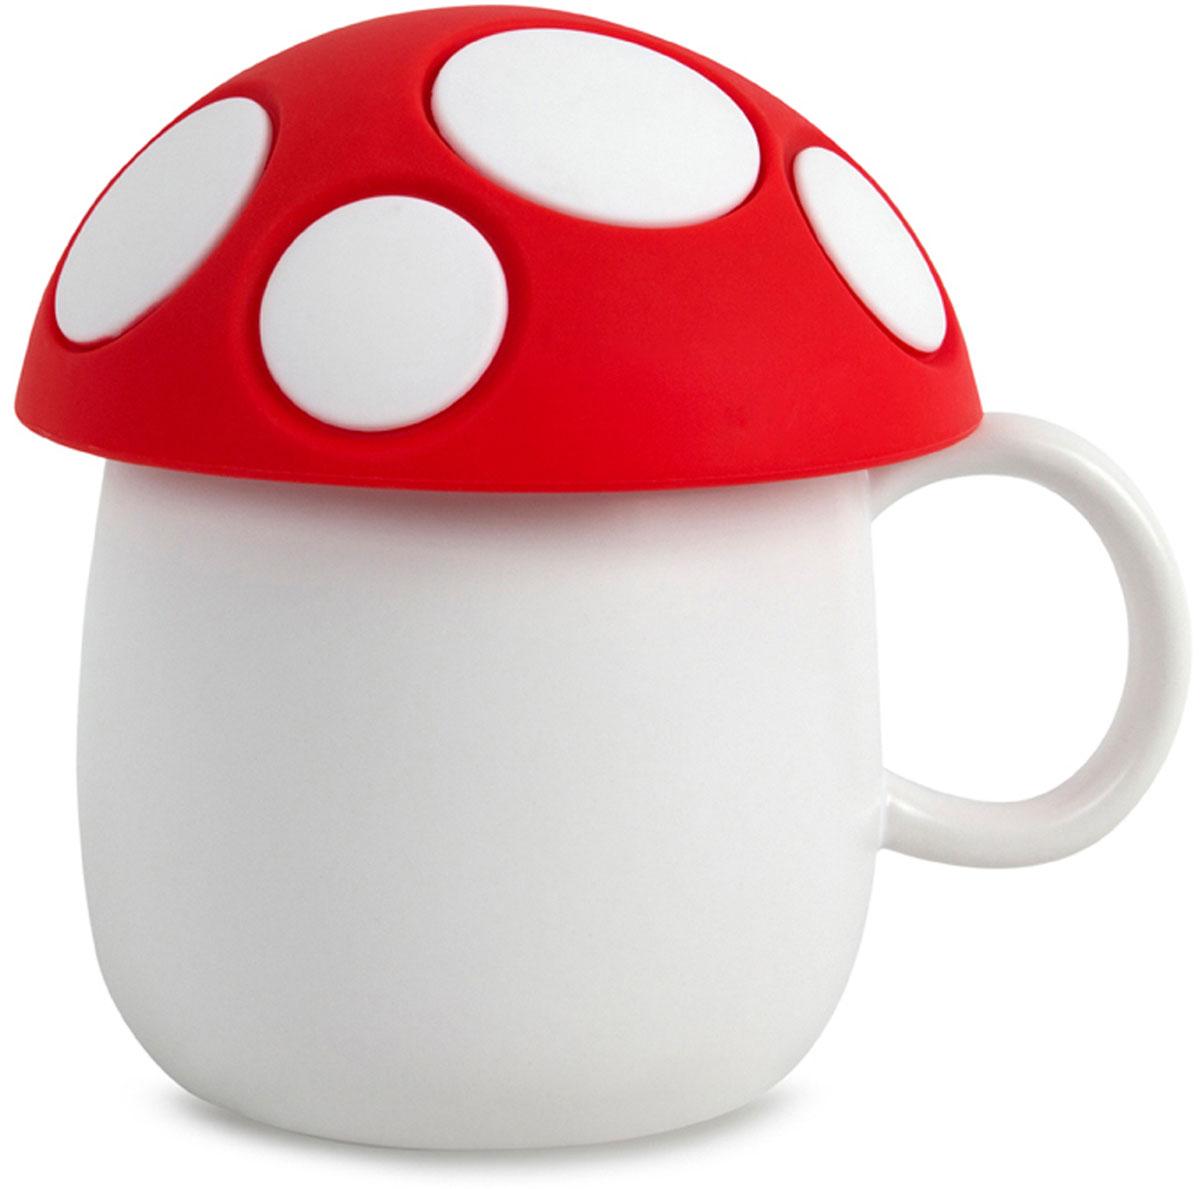 Кружка Balvi Fungo, с крышкой, цвет: белый, 400 мл кружки balvi кружка moka